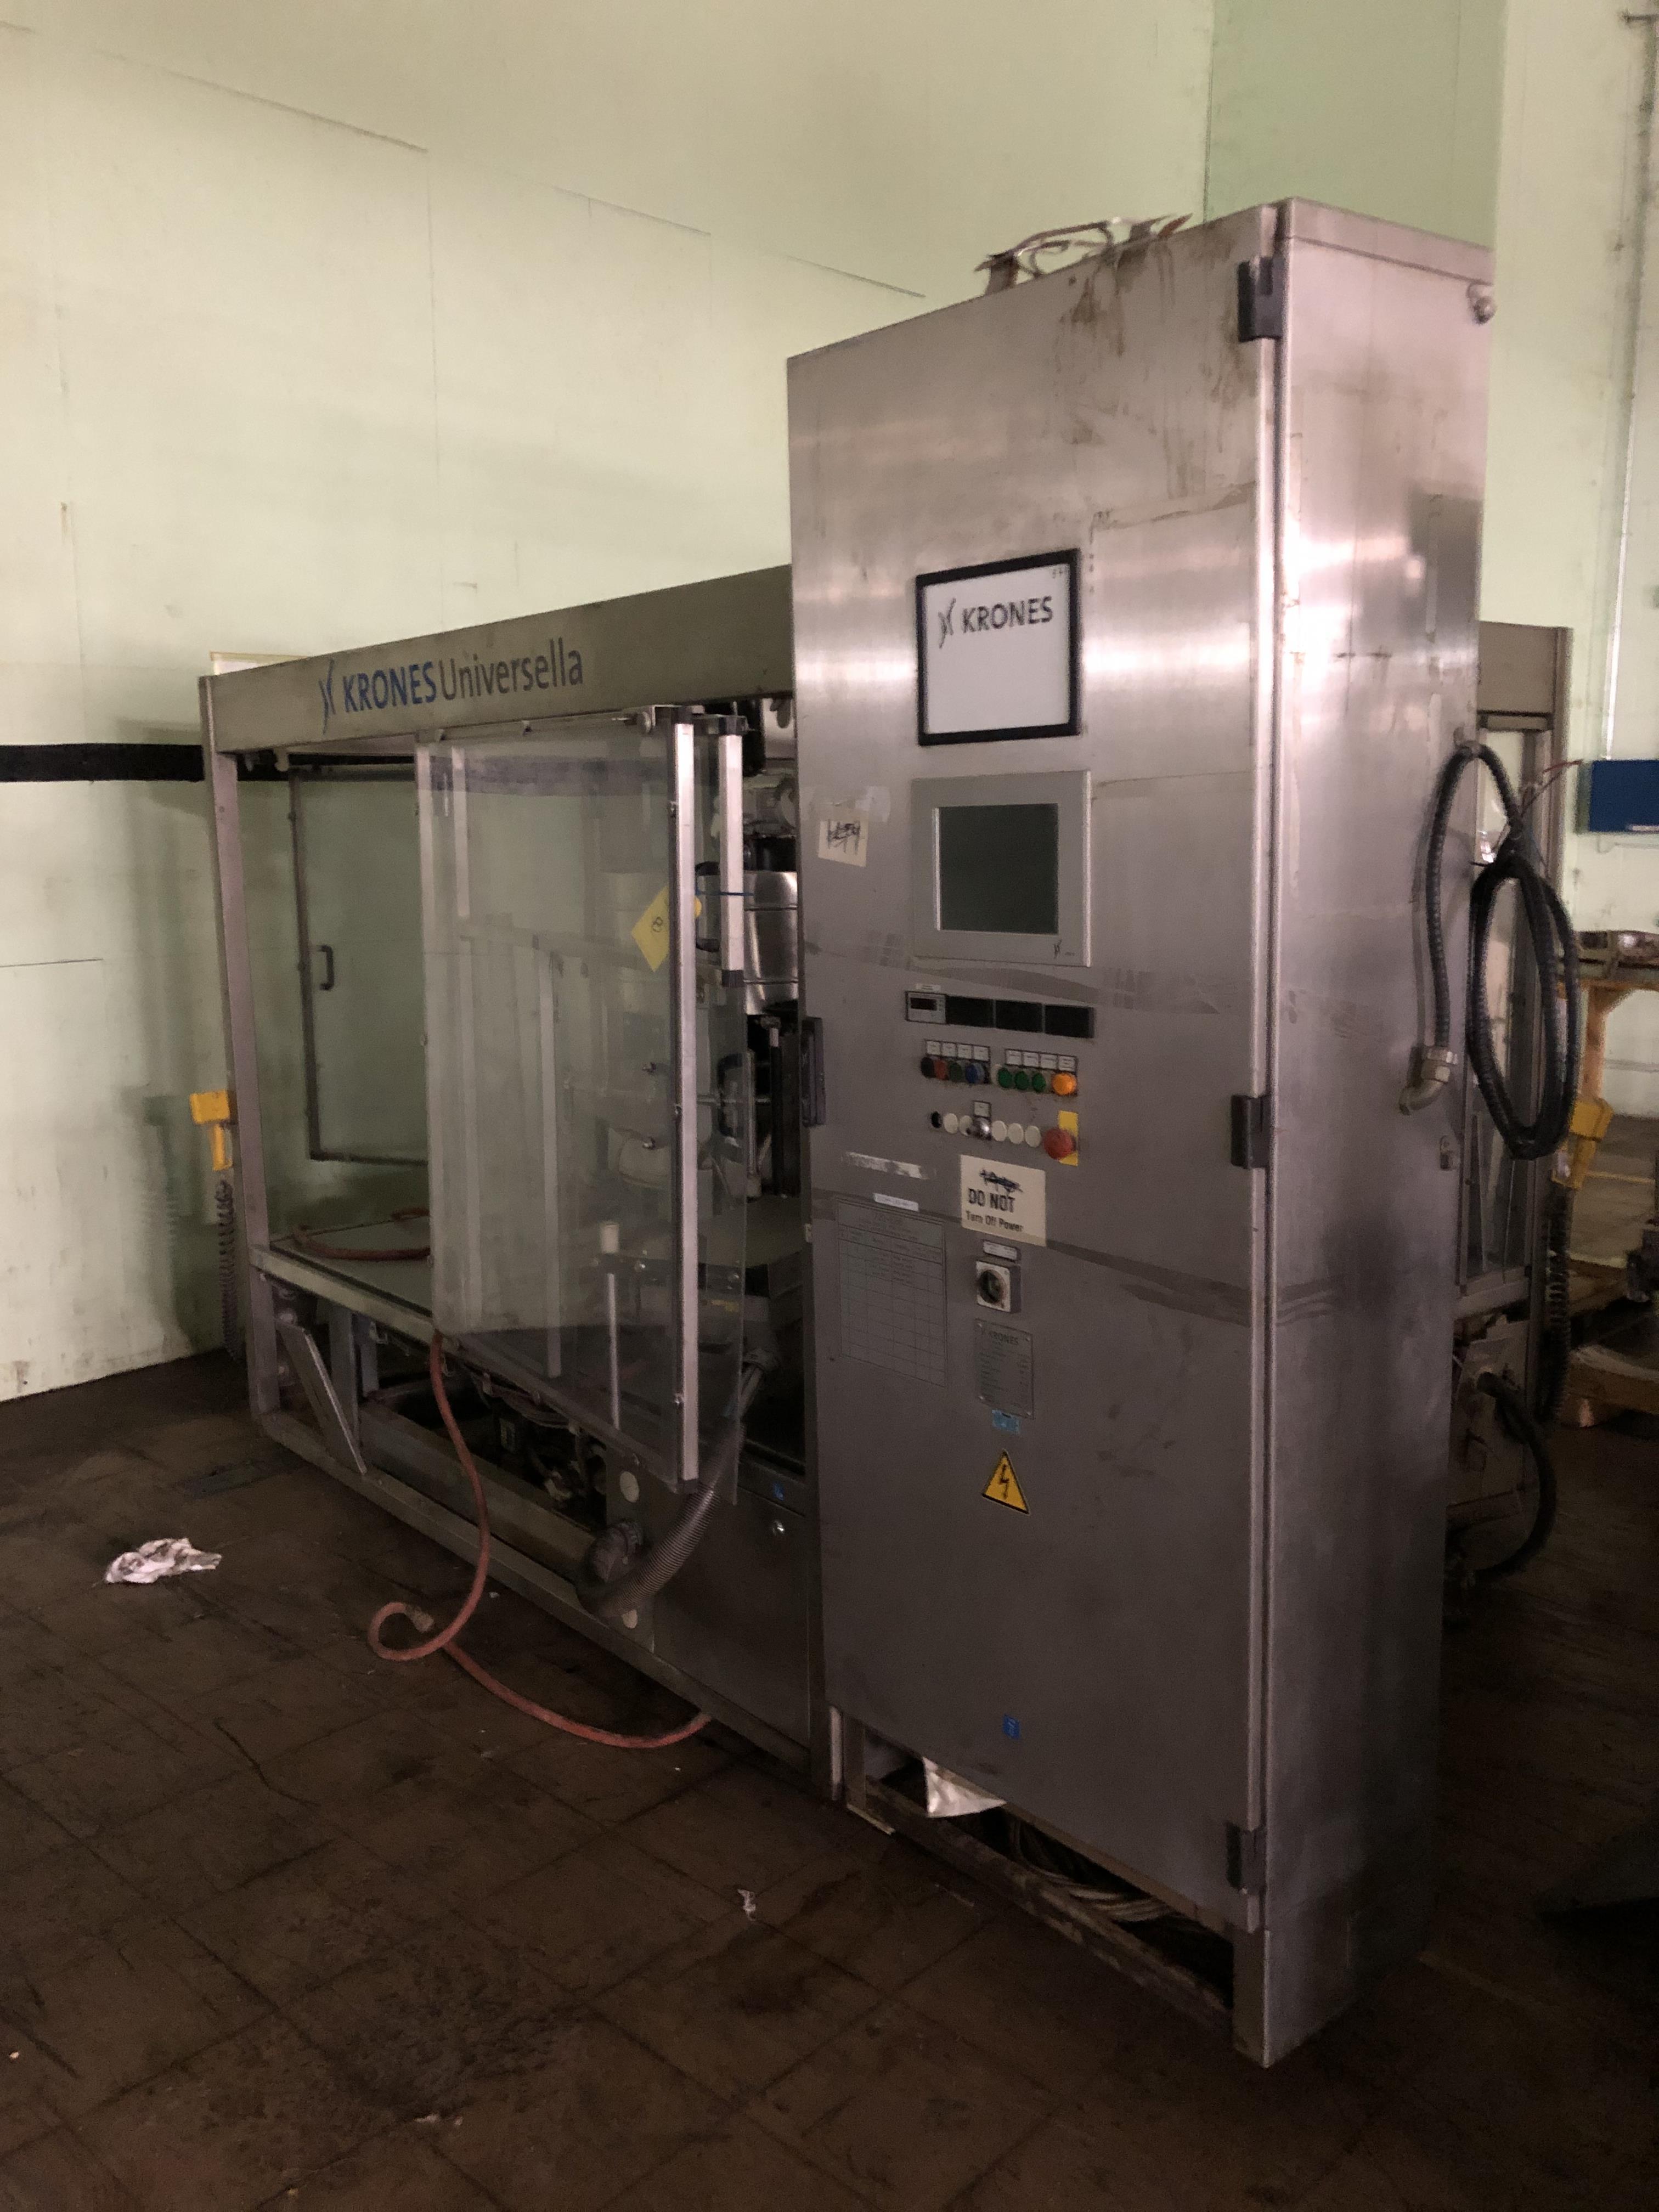 Krones Universella Labeler, Machine #723-E86, RIGGING FEE - $1750